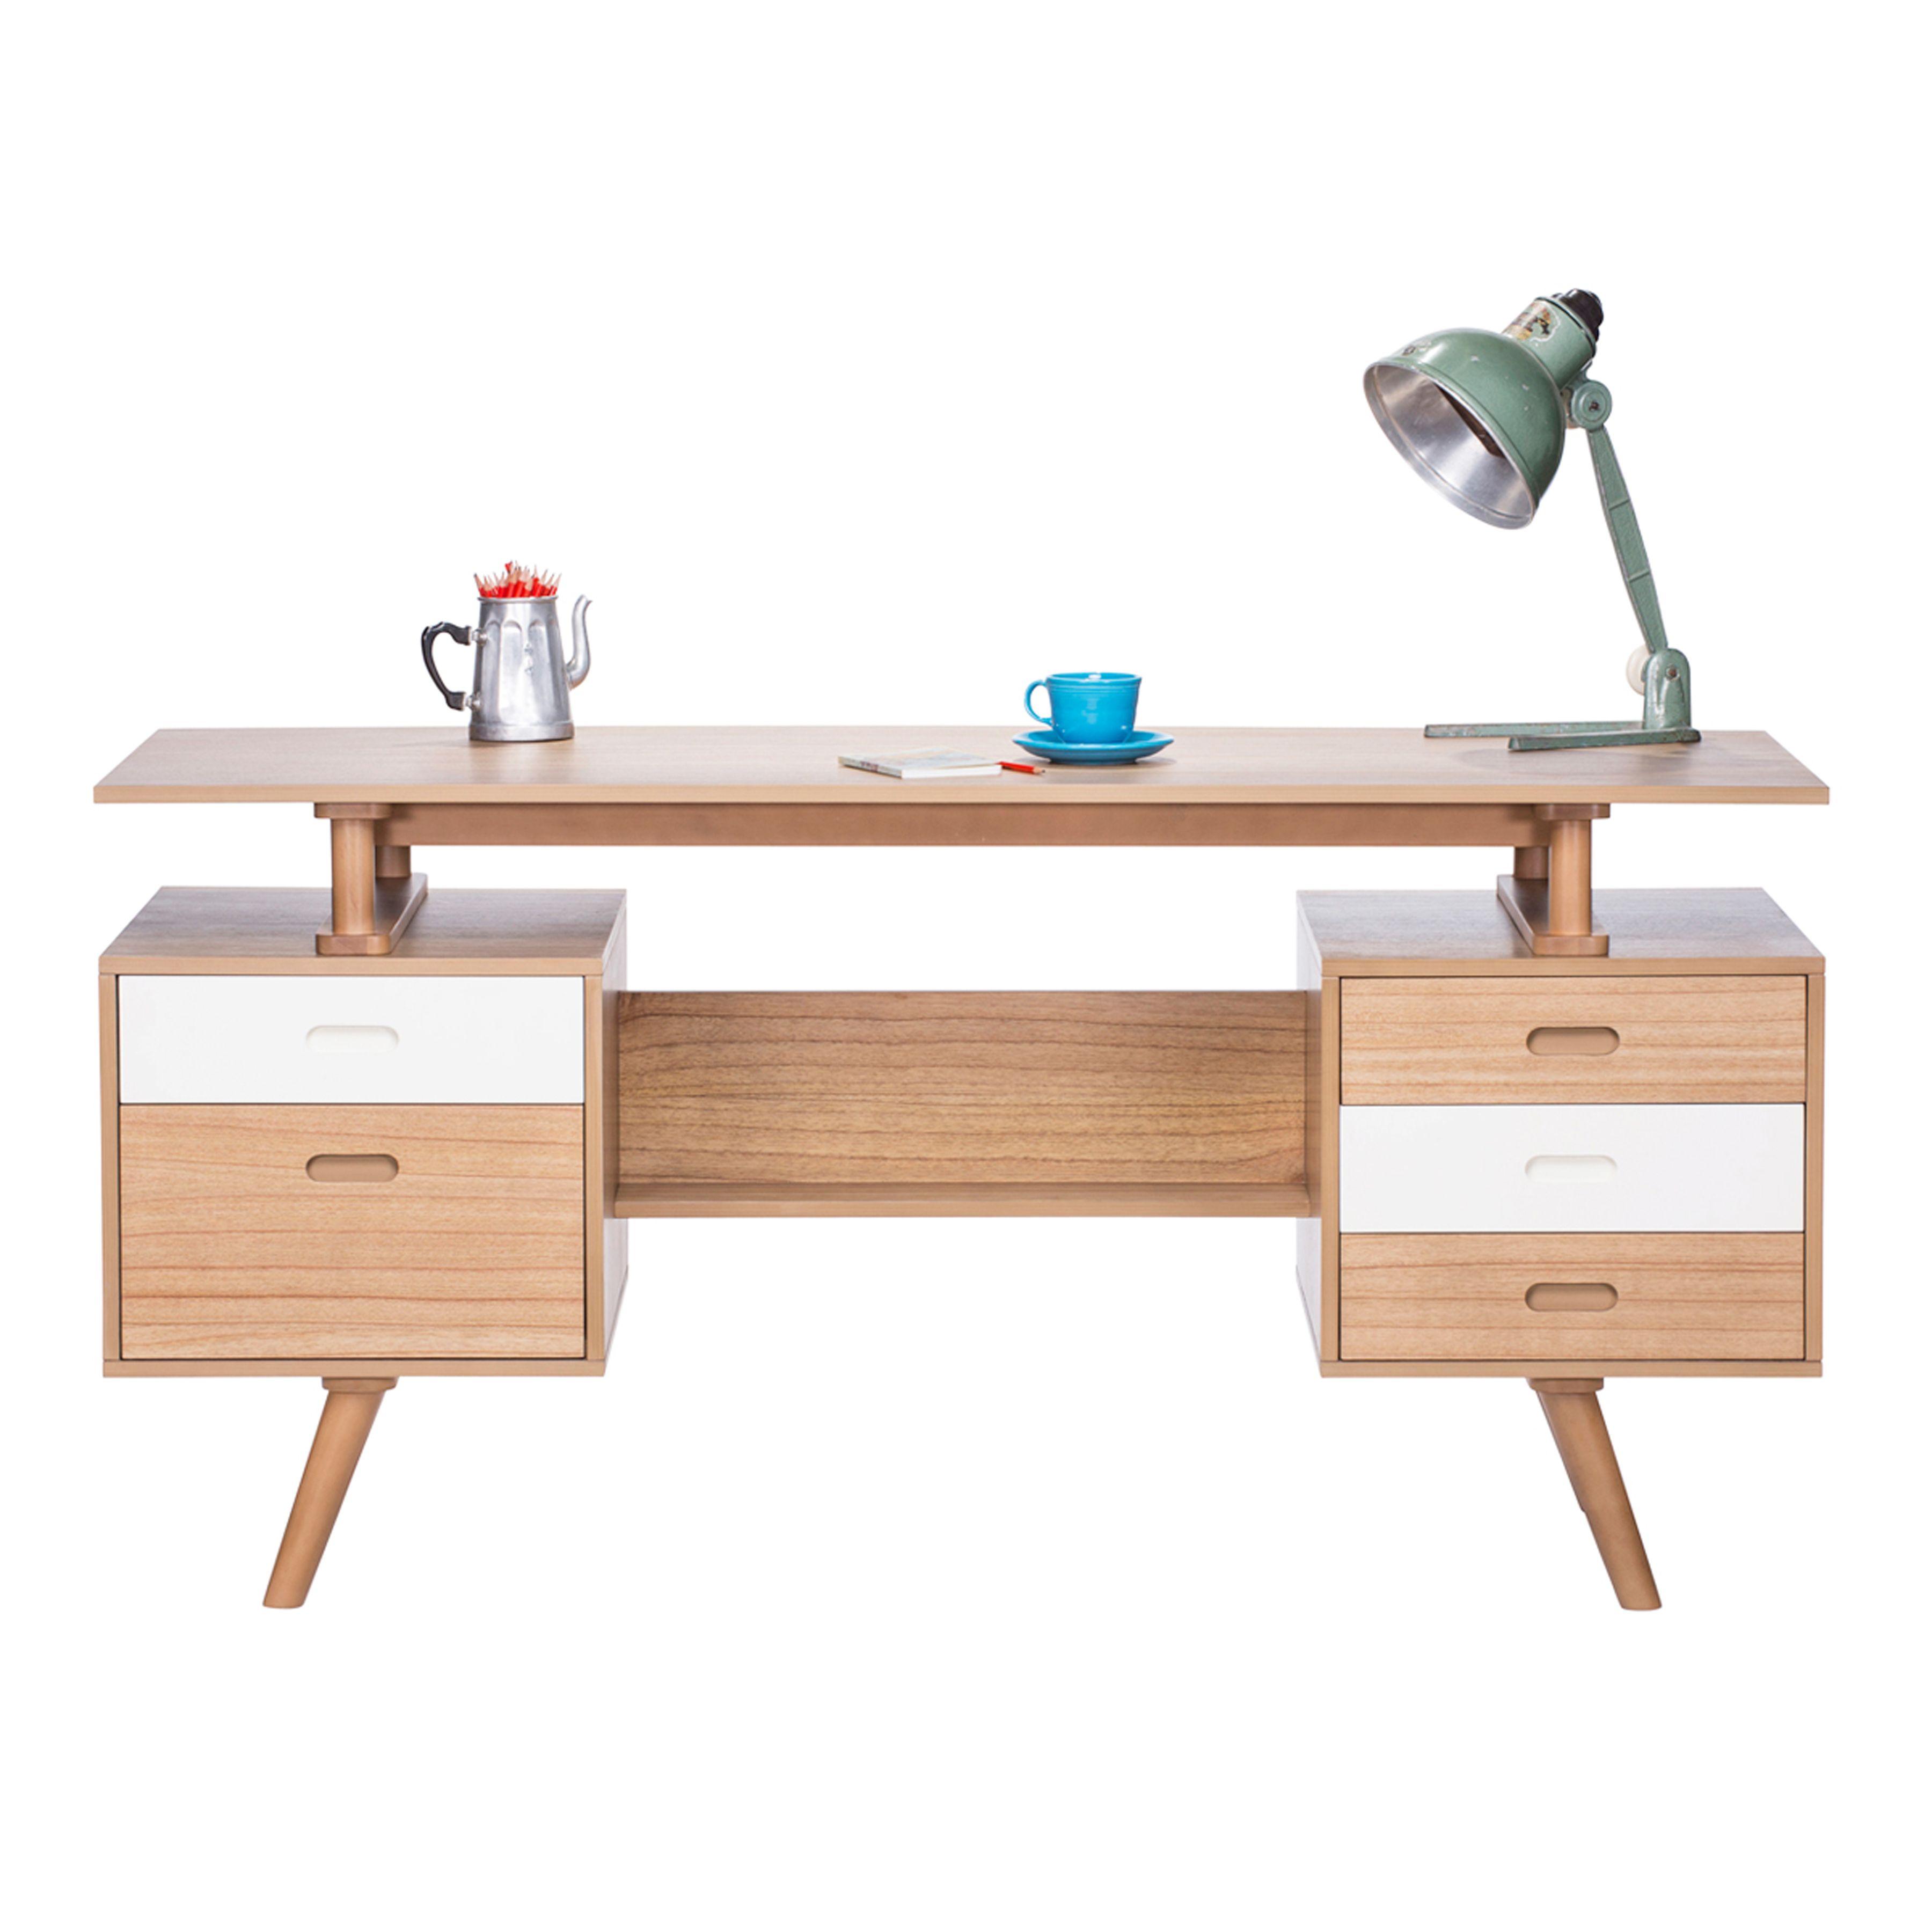 Scandinavian Desks scandinavian desk | office | pinterest | scandinavian desk